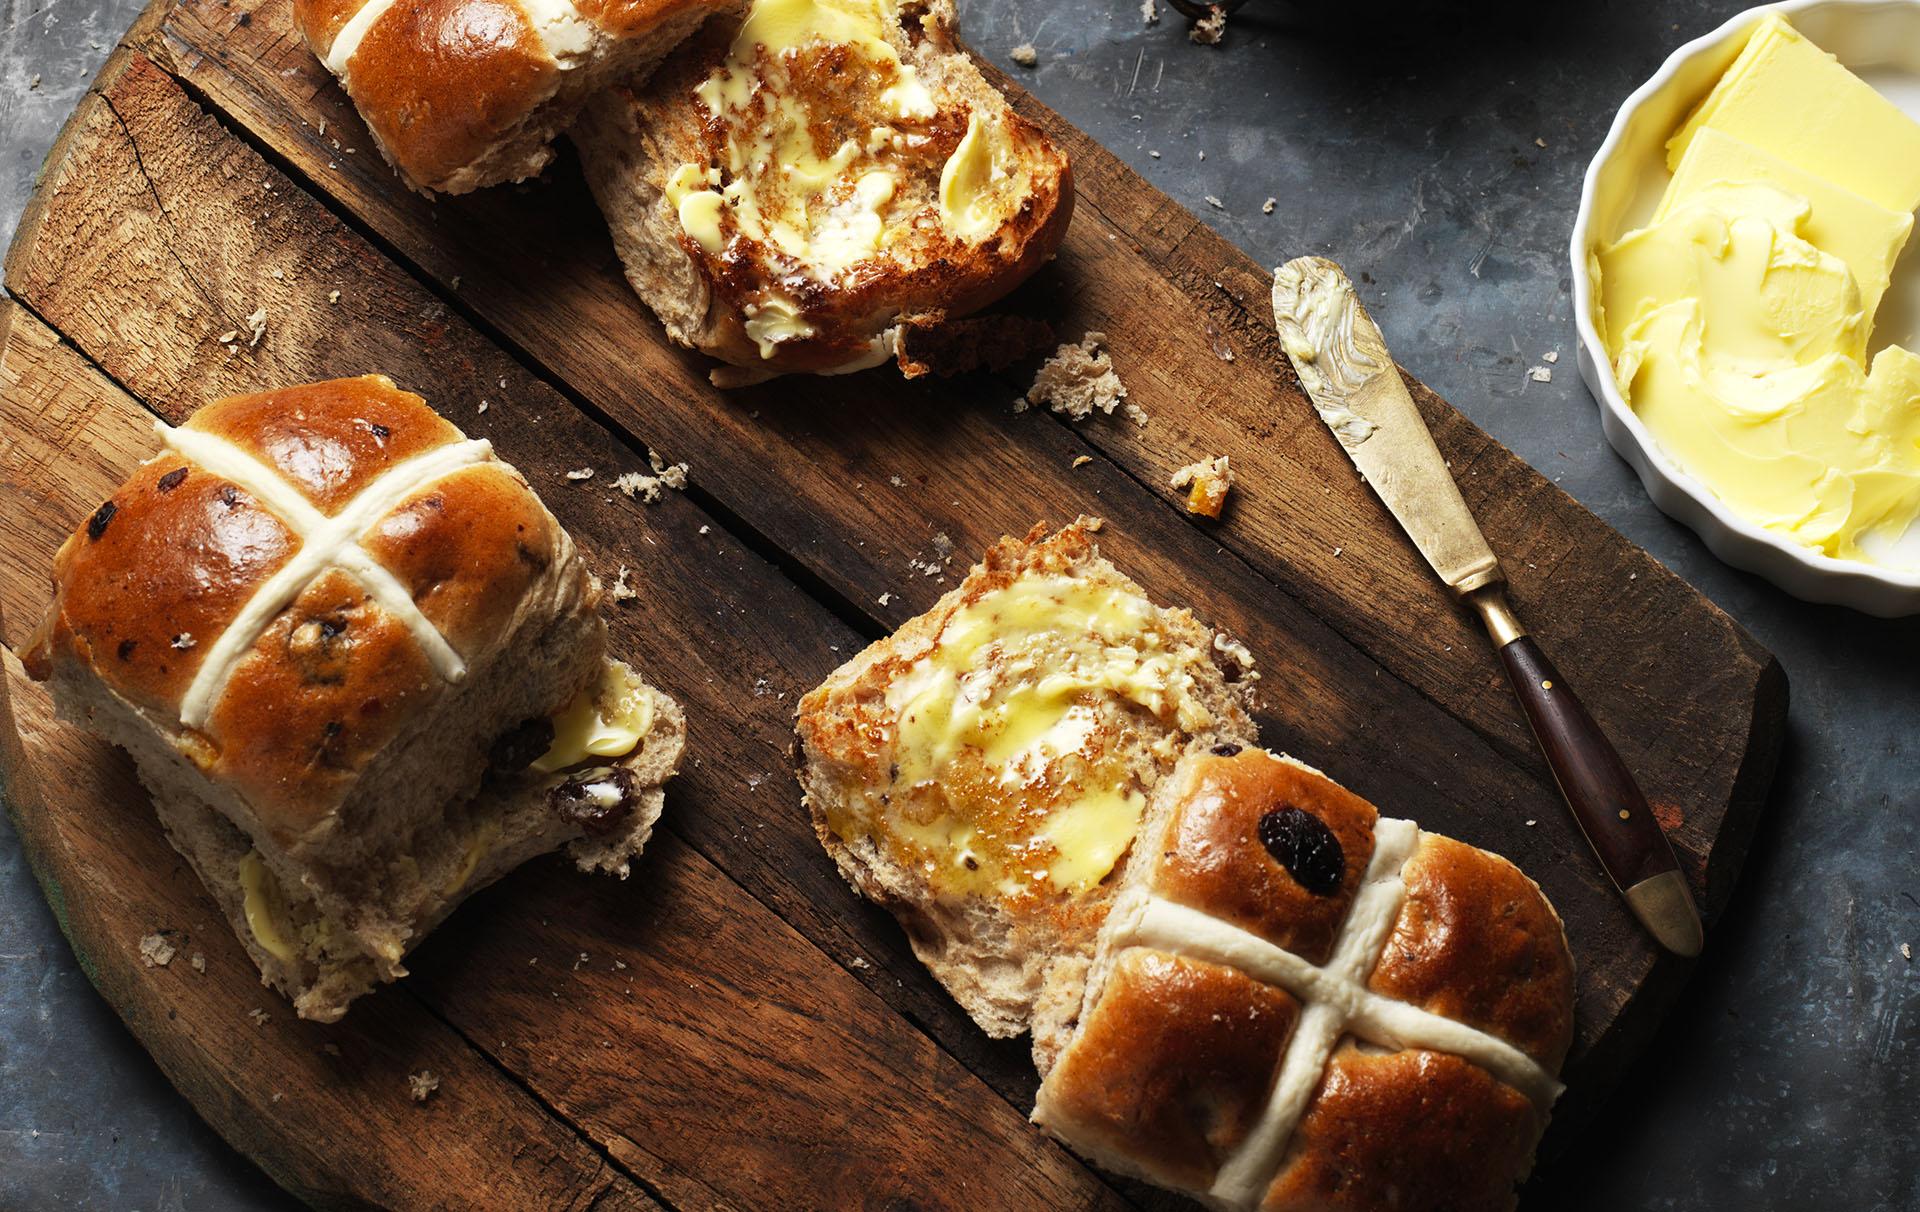 Aldi hot cross buns